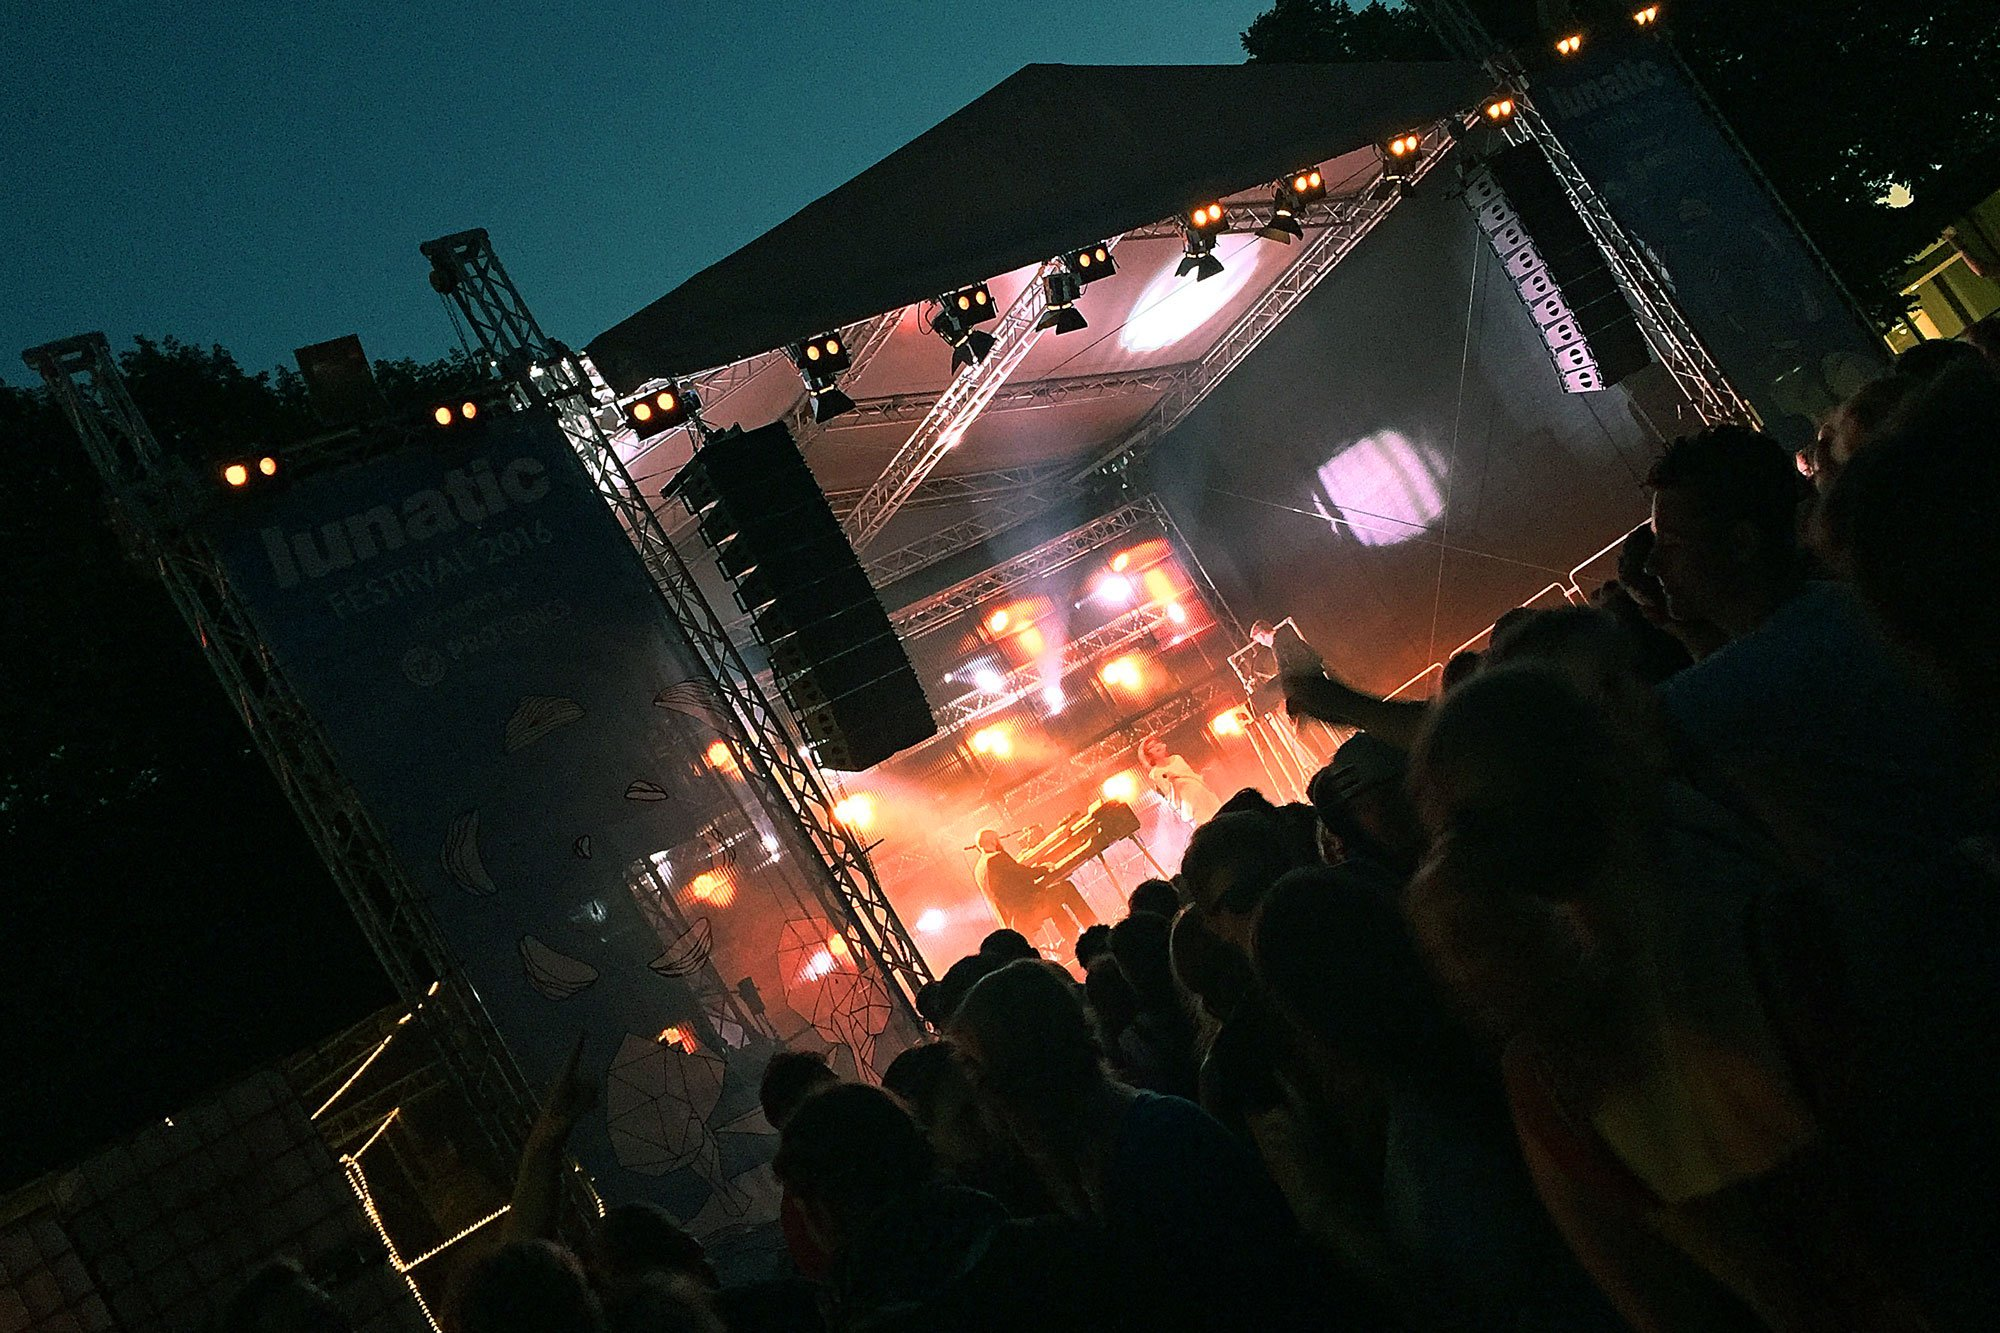 Lunatic Festival: Hundreds